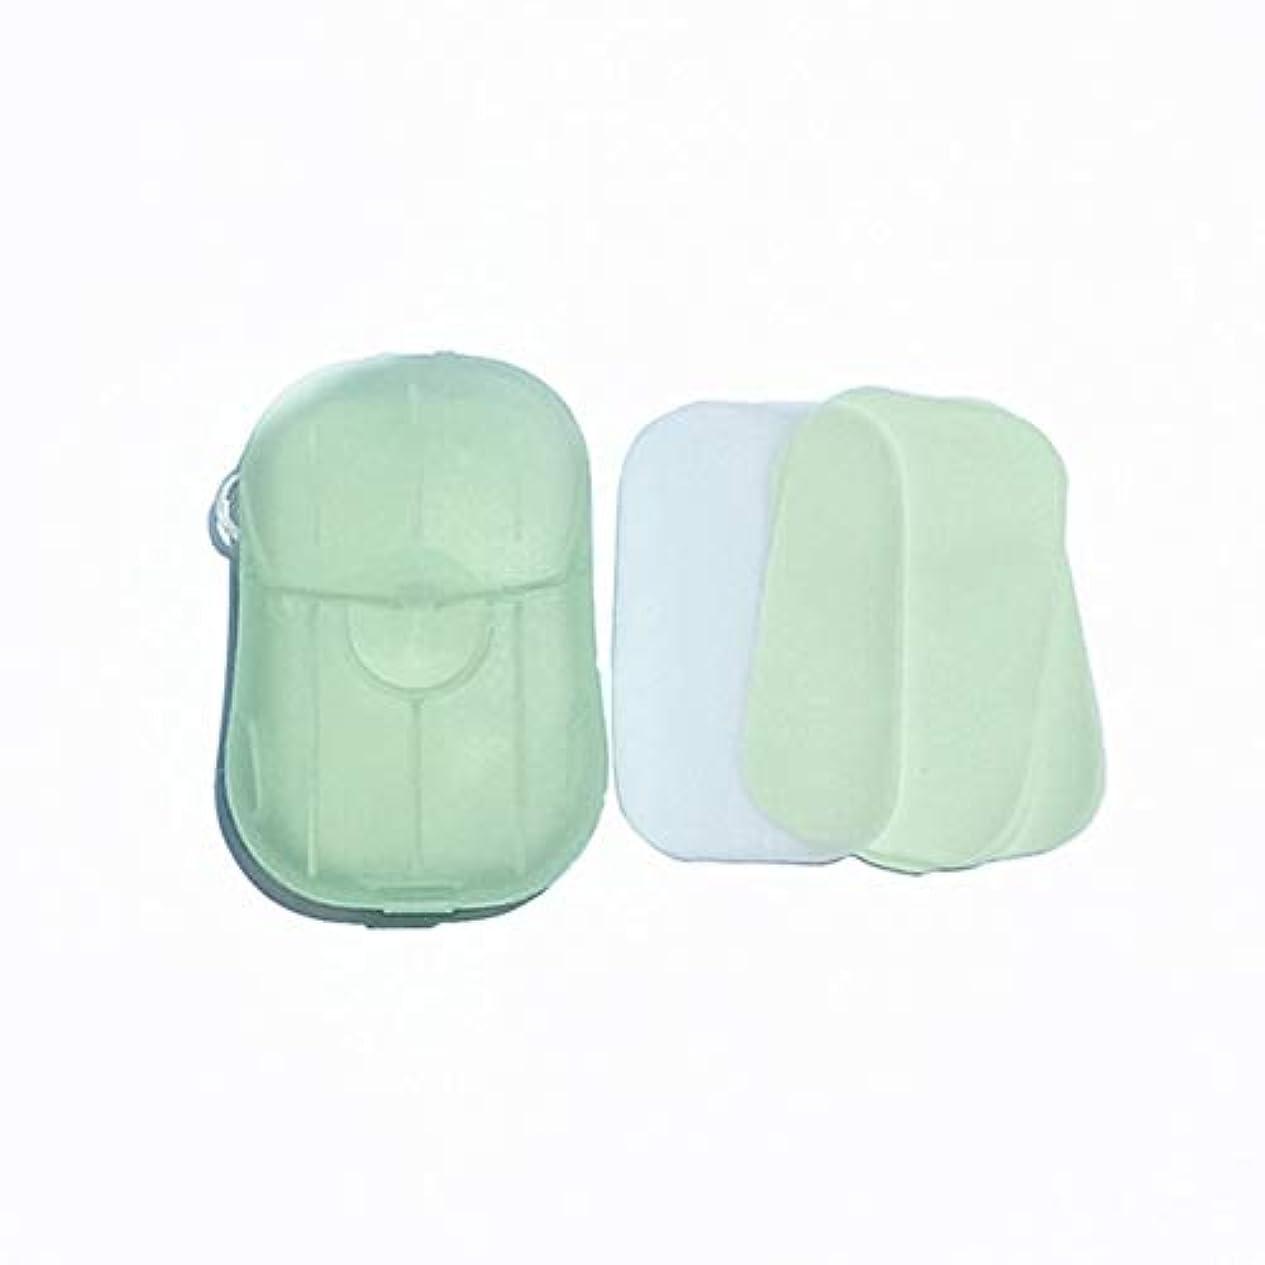 Feglin-joy ペーパーソープ せっけん紙 除菌 石鹸 手洗い お風呂 旅行携帯用 紙せっけん かみせっけん 香り 20枚入 ケース付き(よもぎ)